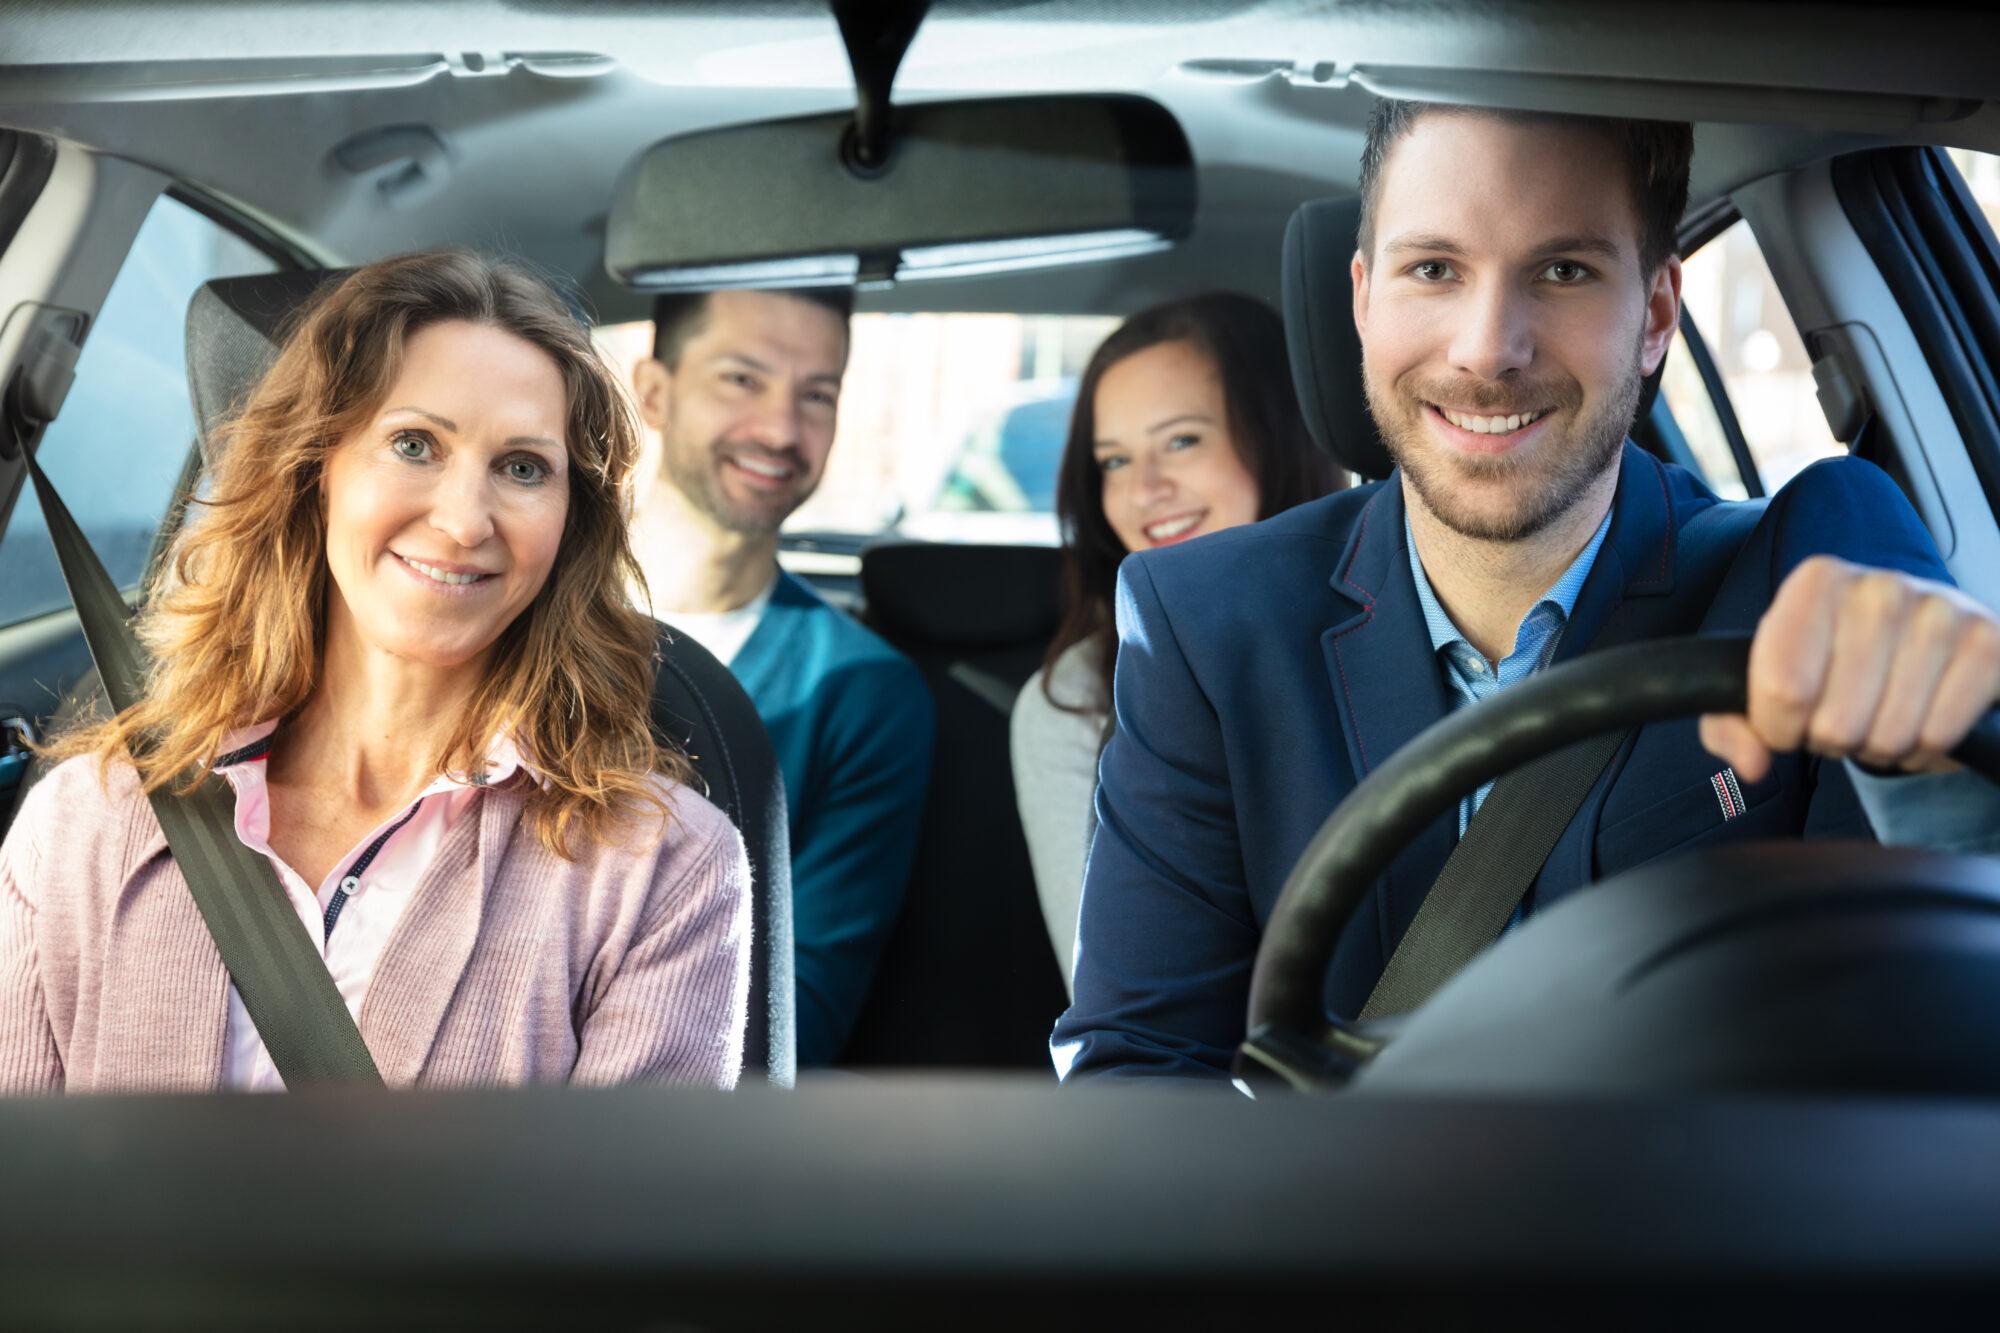 Reizen met de auto of het openbaar vervoer in coronatijd: dit moet je weten!